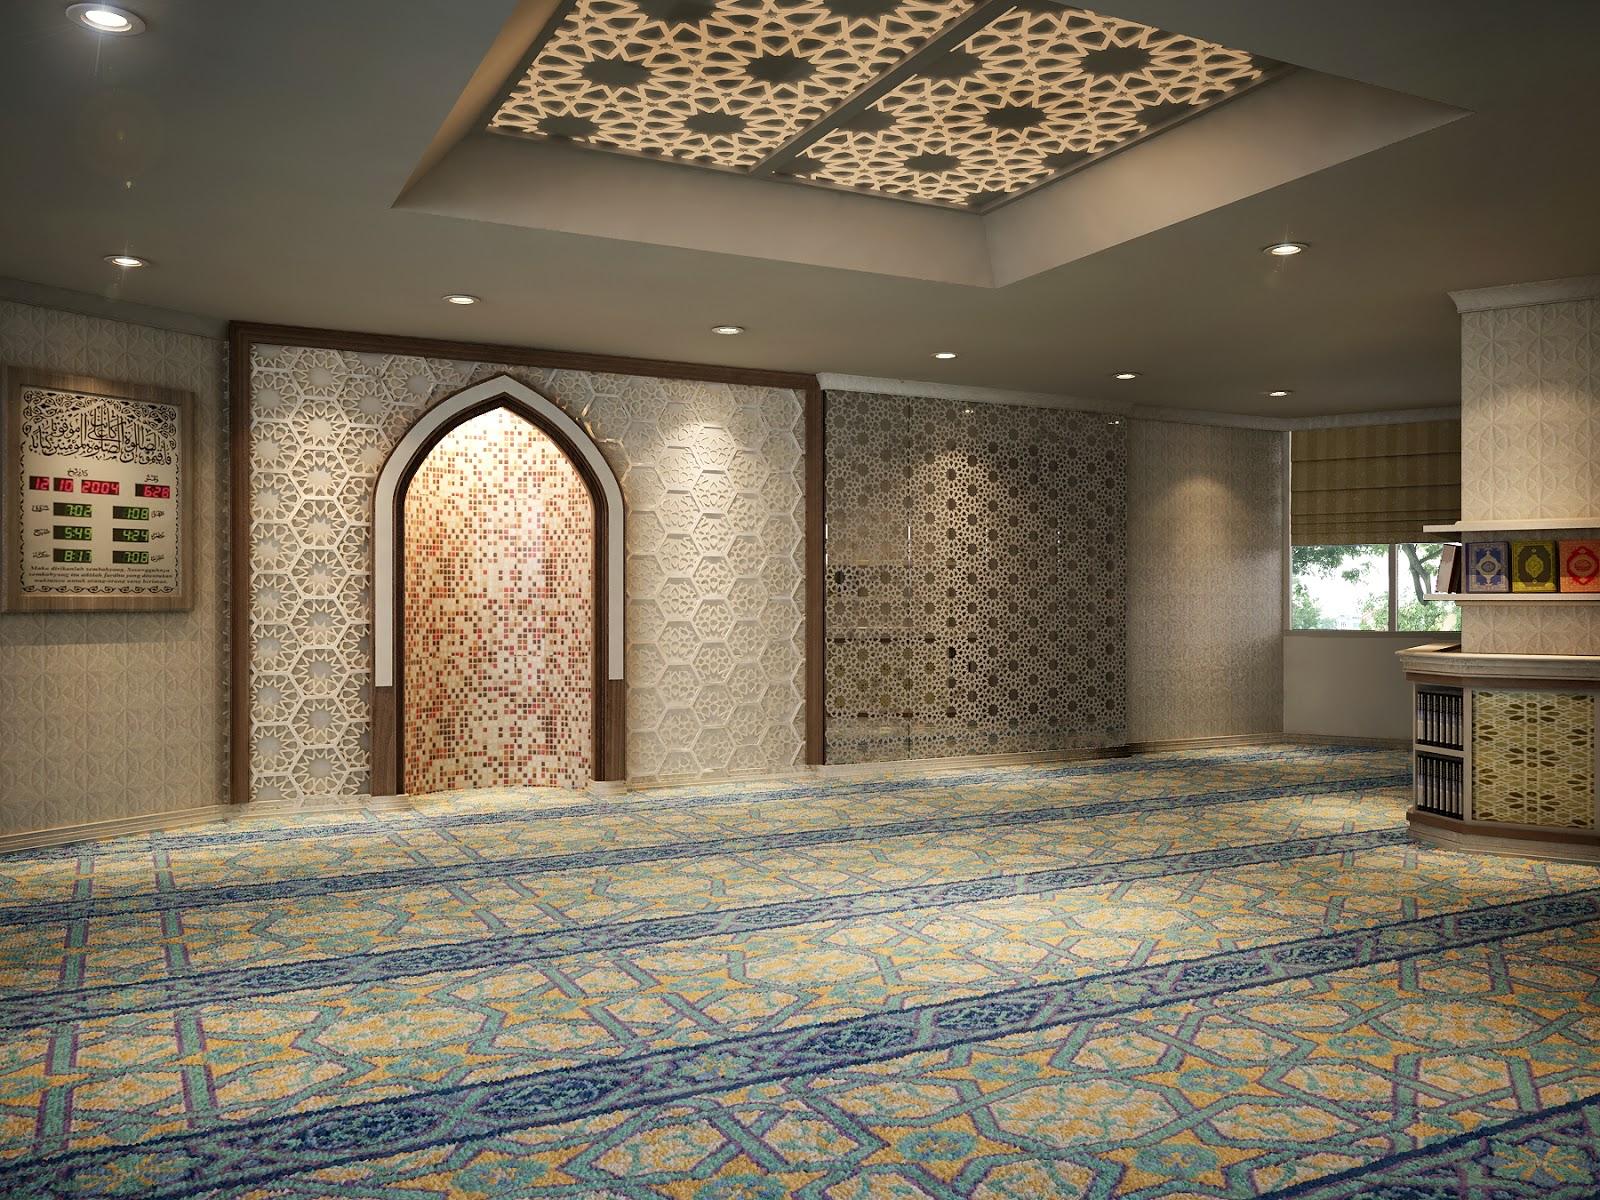 Bolehkah melakukan iktikaf di dalam surau? – Indahnya Islam